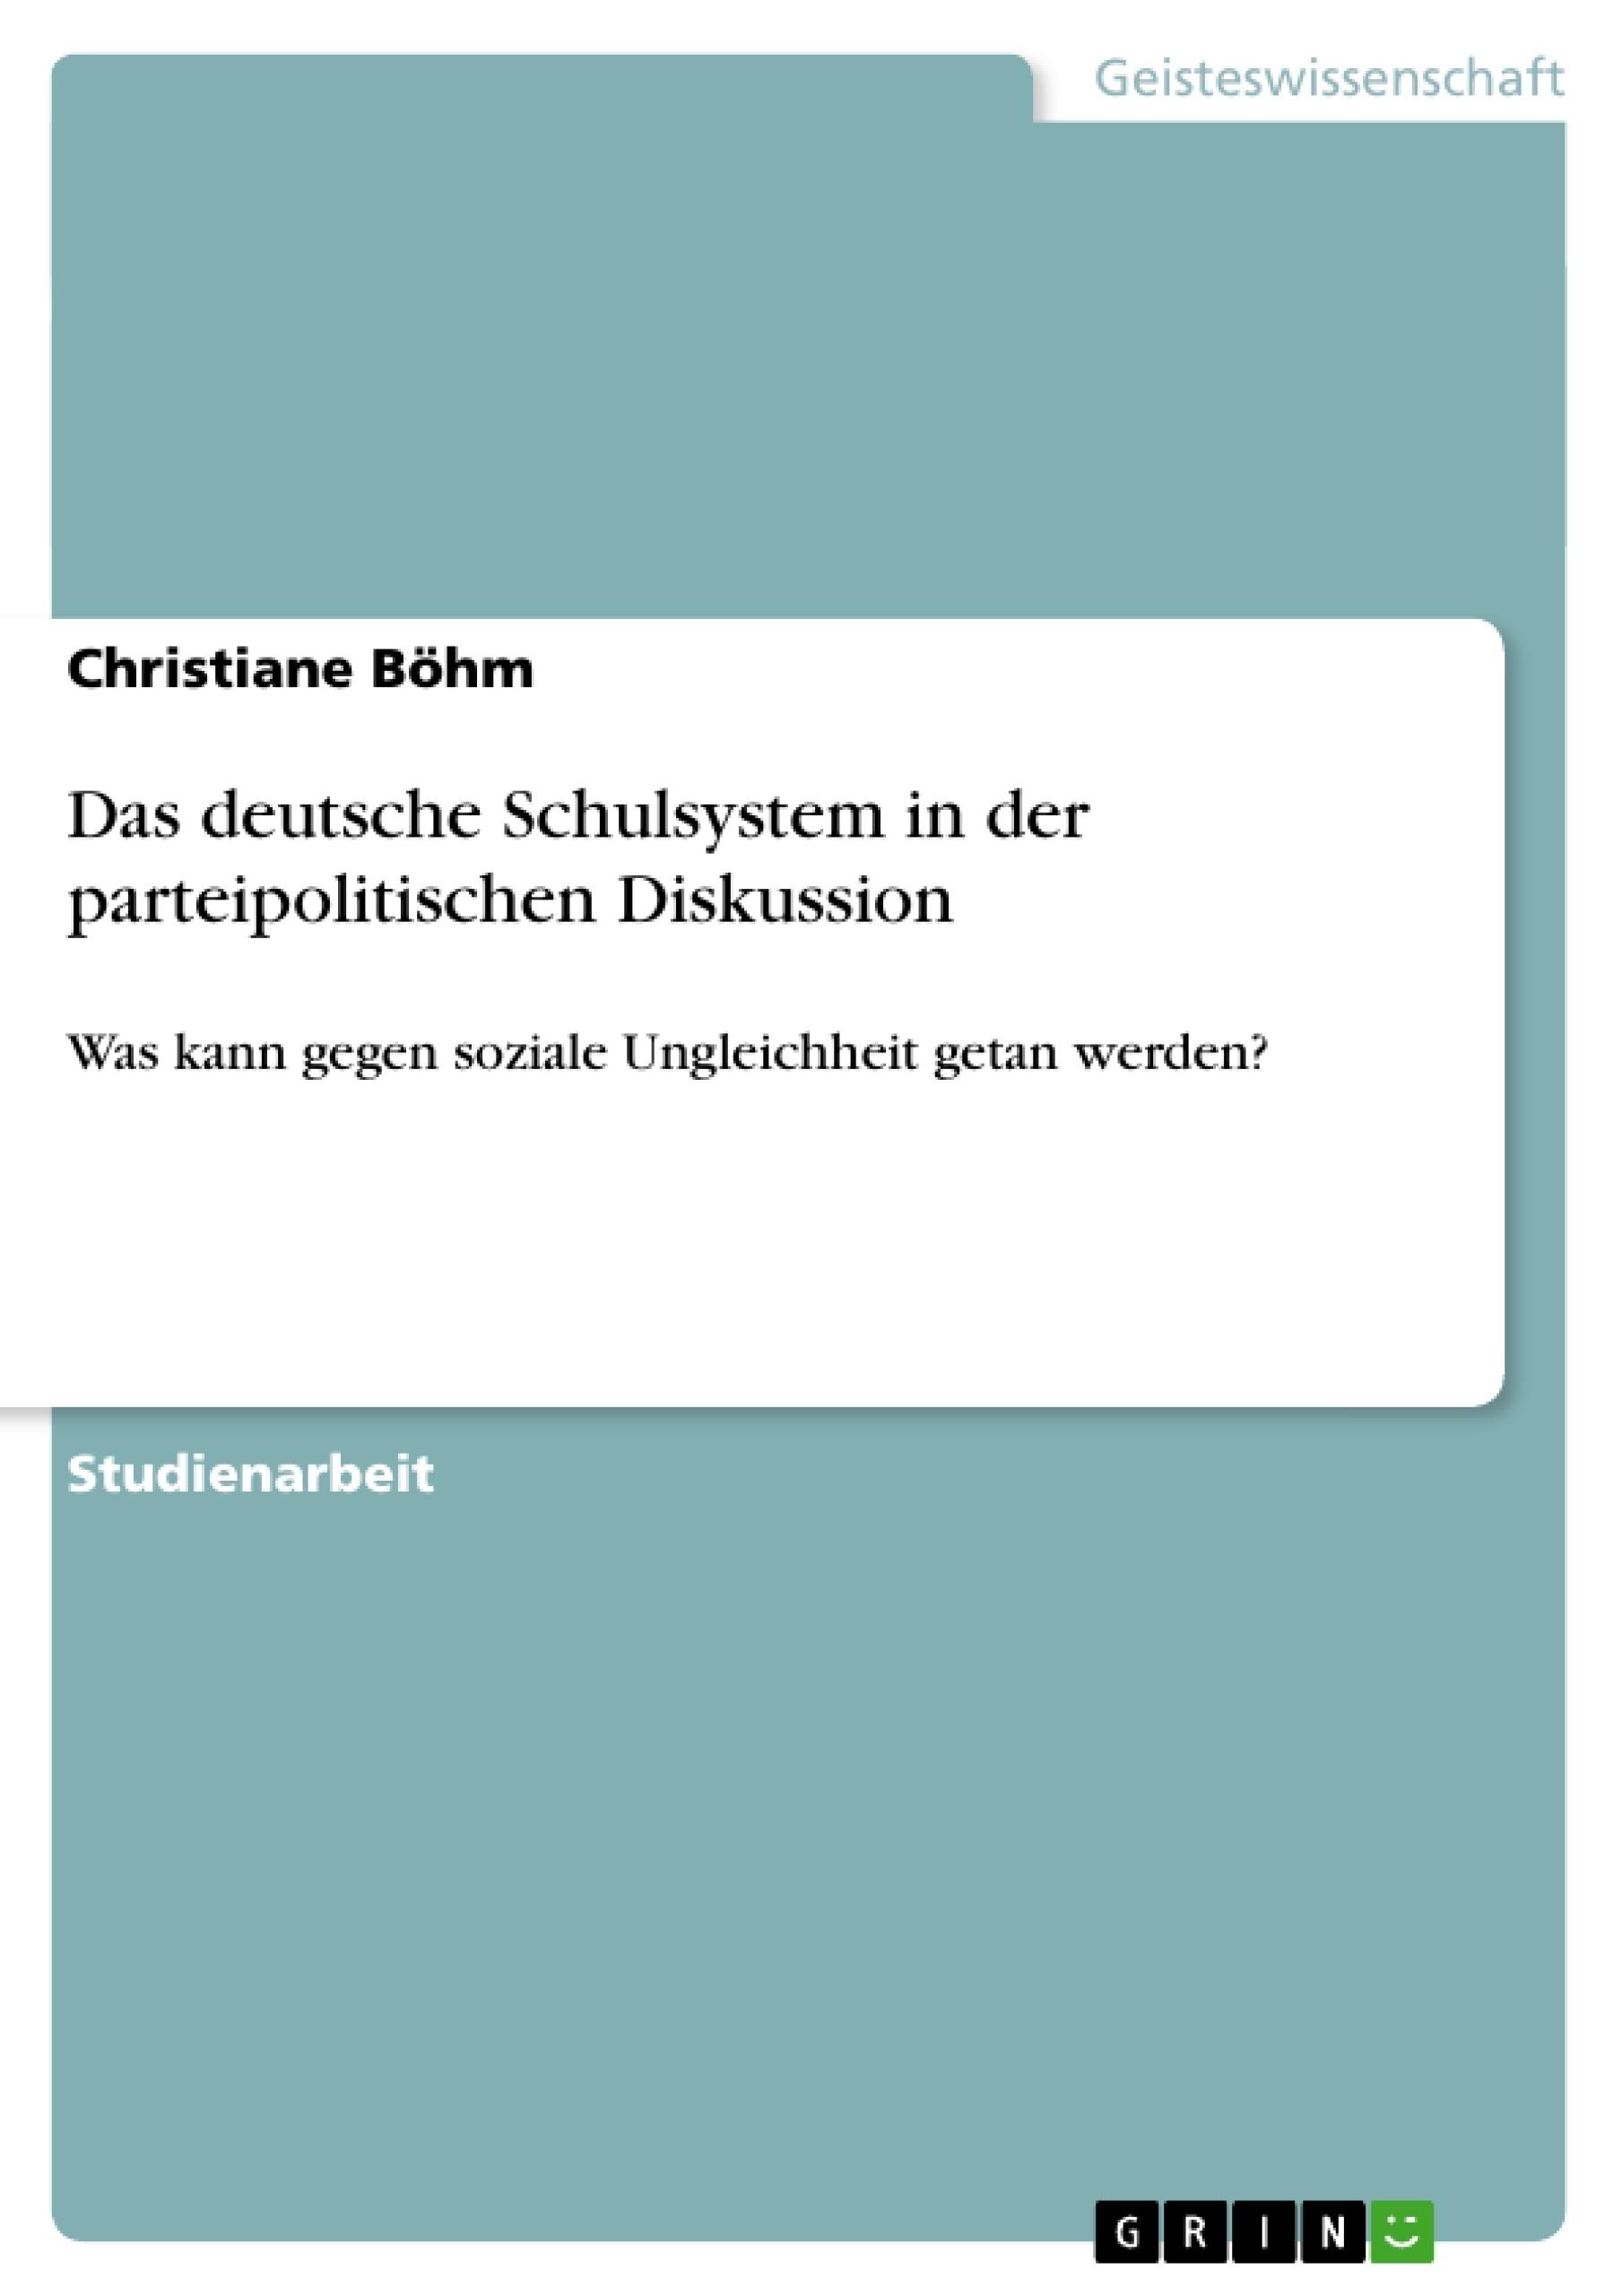 Titel: Das deutsche Schulsystem in der parteipolitischen Diskussion